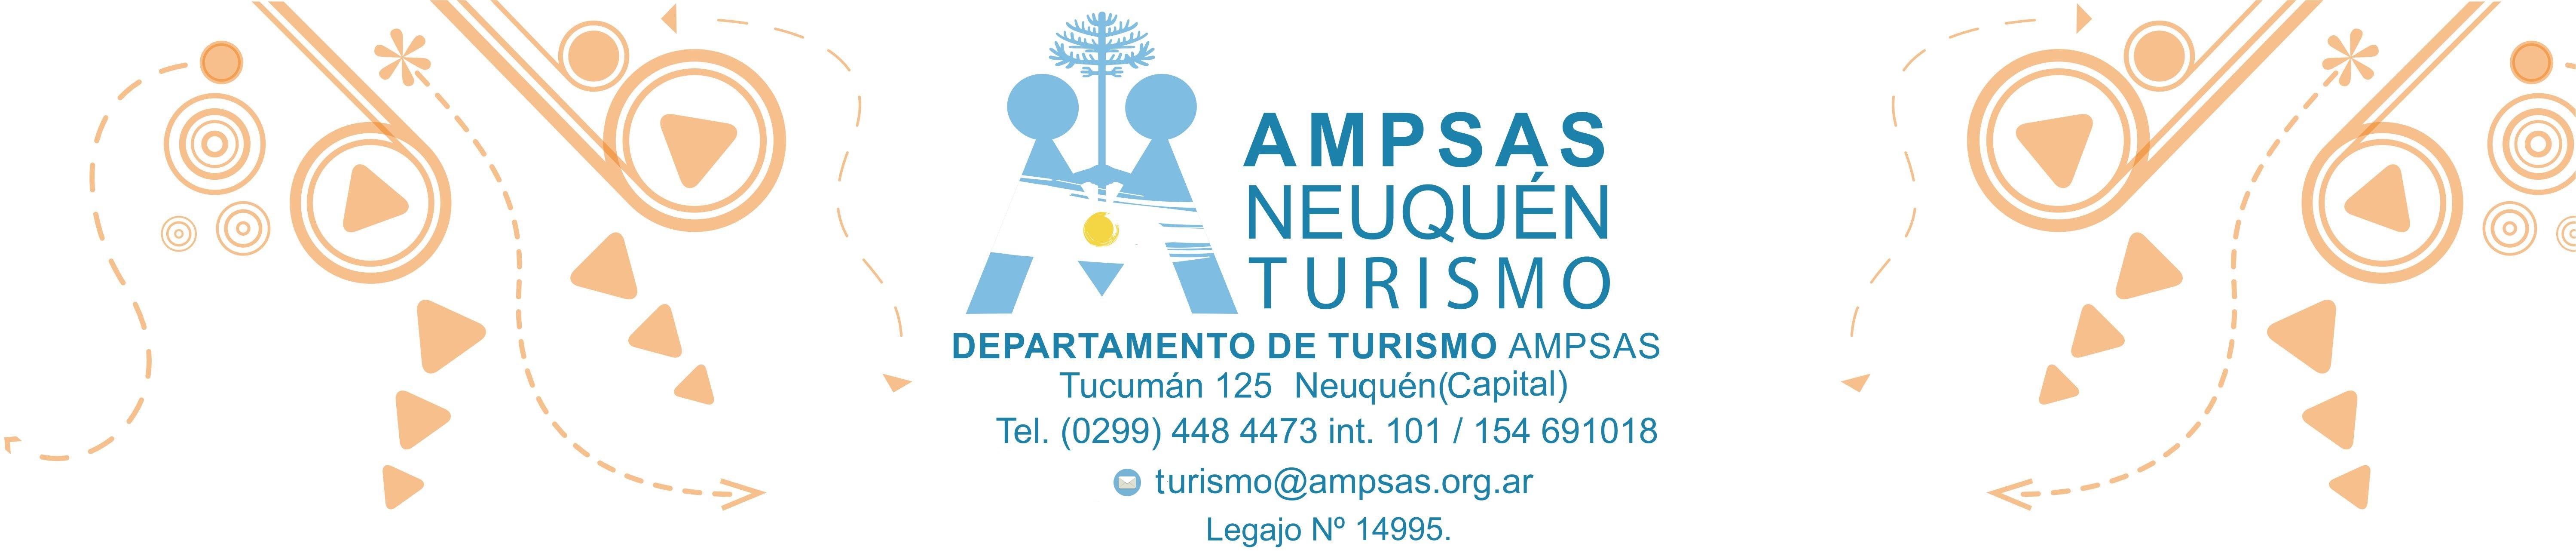 turismoampsas